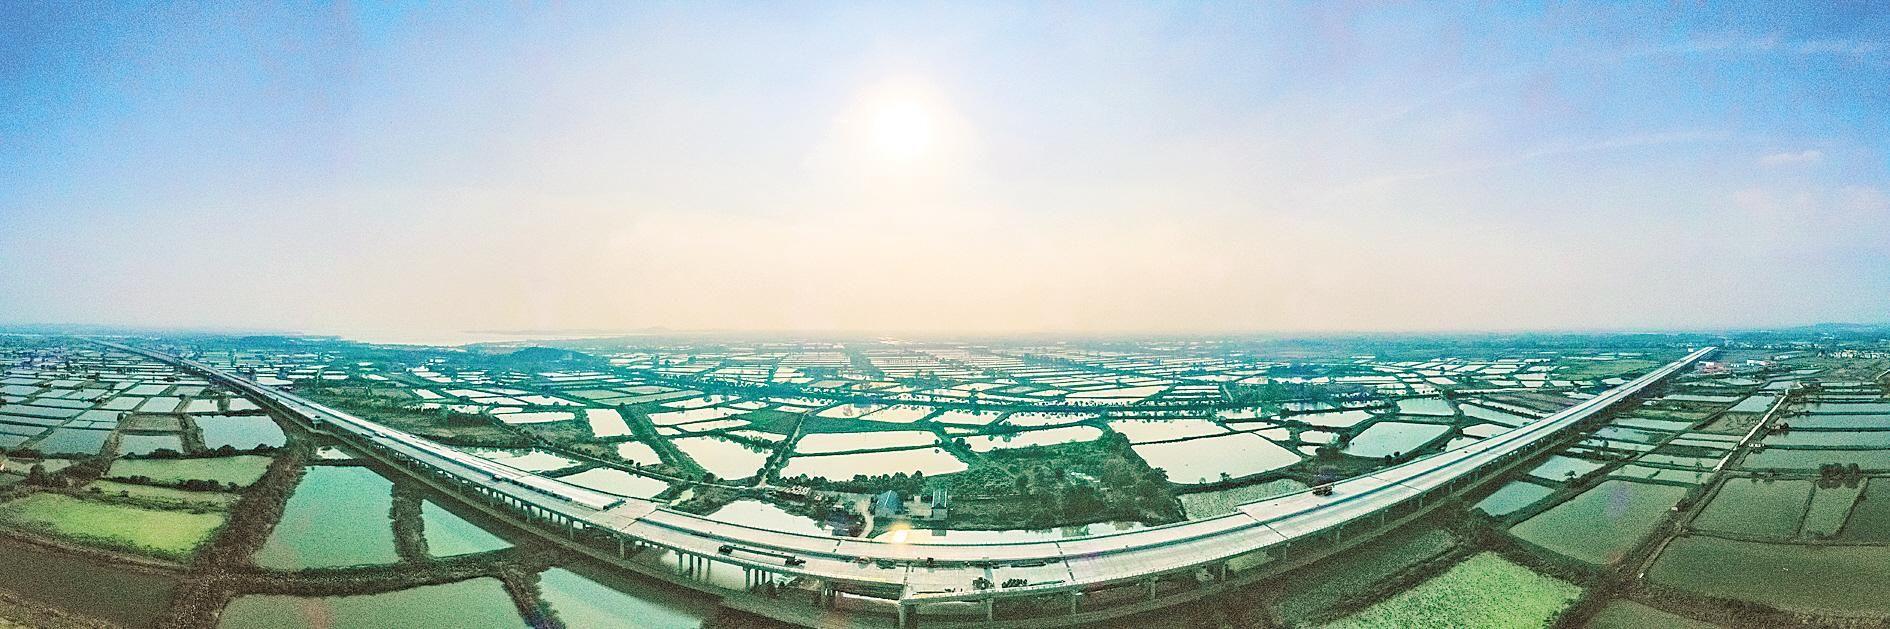 武阳高速第二标段进入冲刺阶段